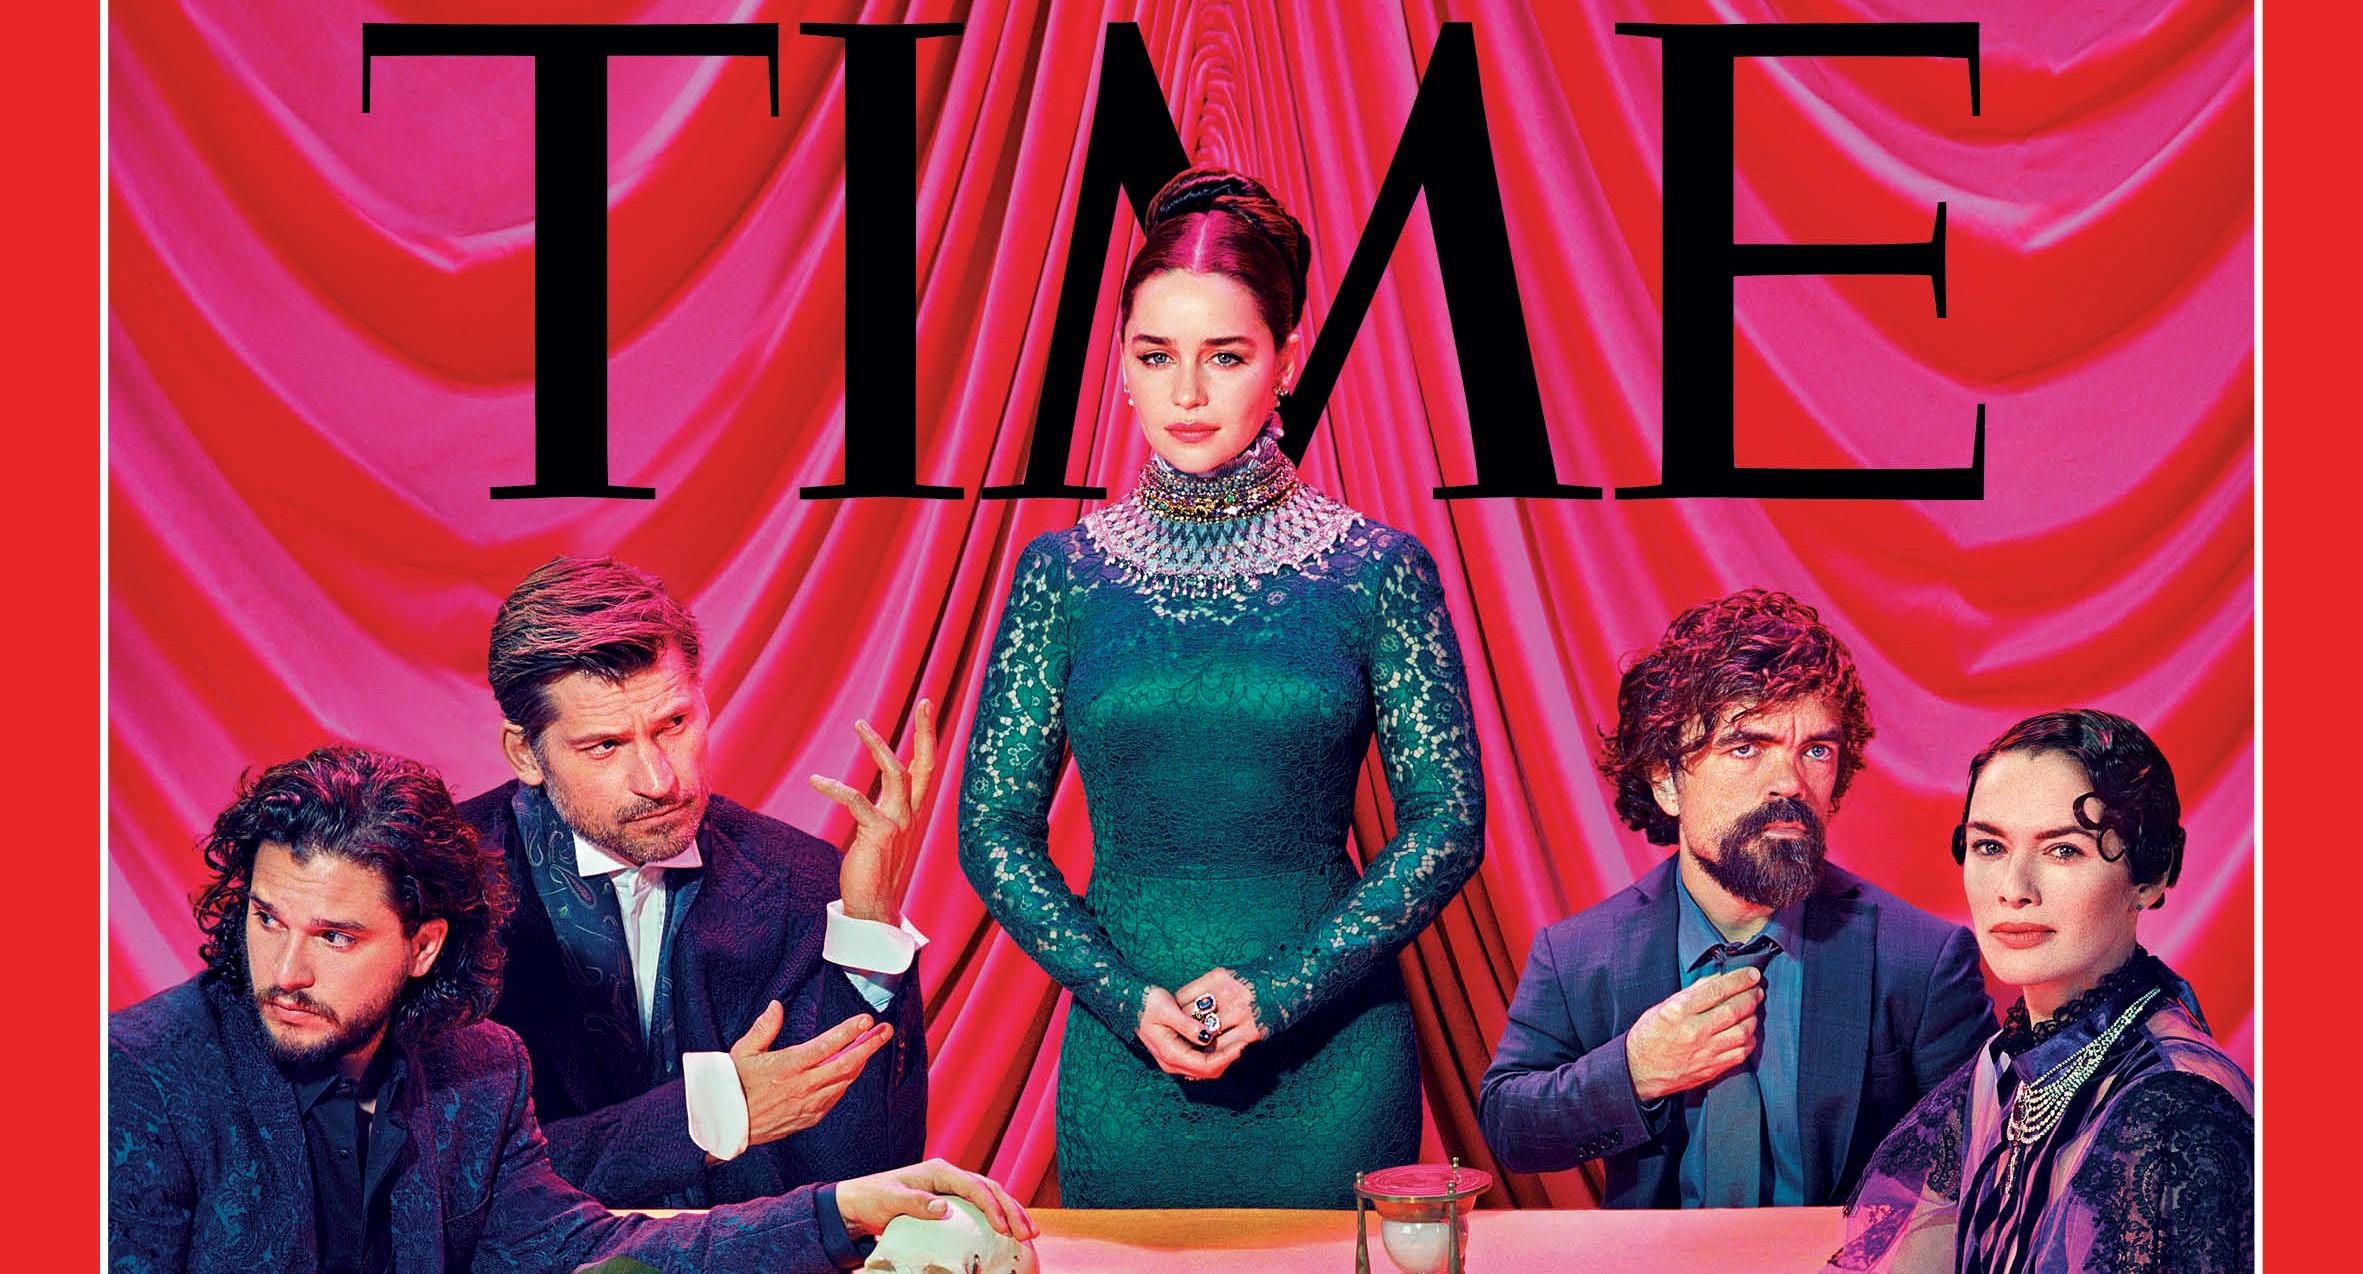 L'Actualité Série TV - Magazine cover